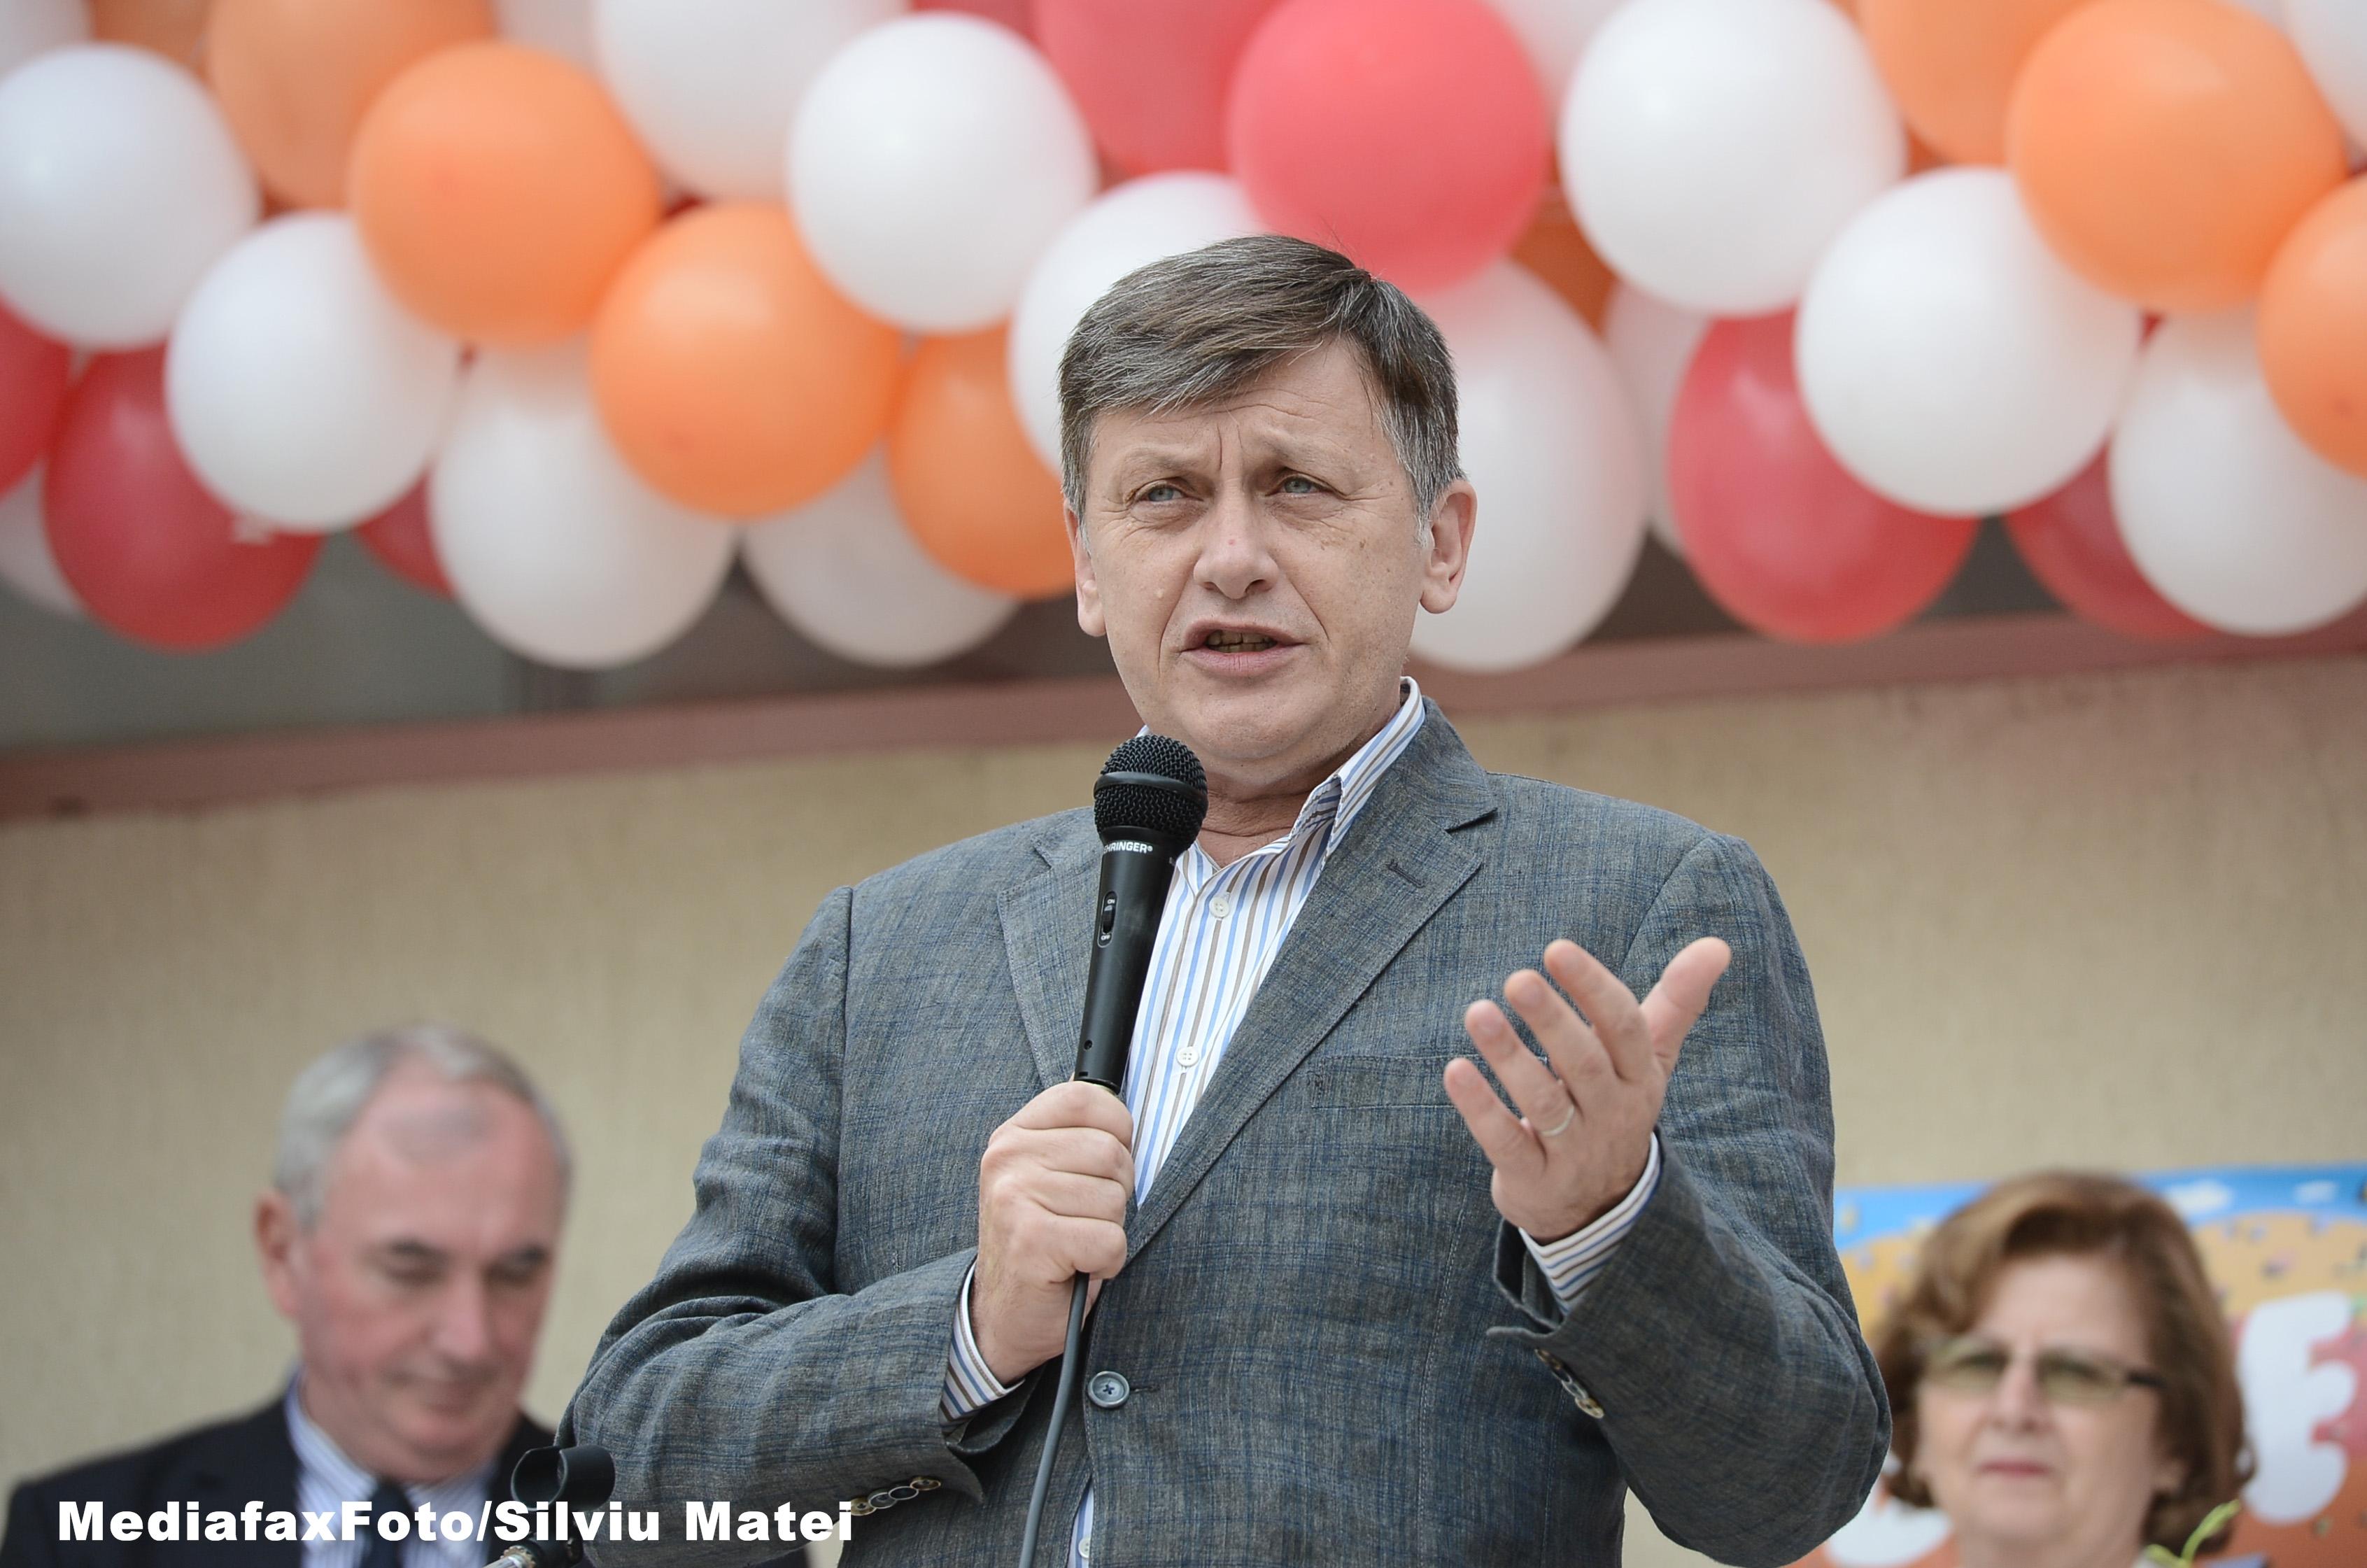 Decizie radicala a lui Crin Antonescu. Ce a anuntat ca va face dupa ce isi va termina mandatul de senator, in 2016